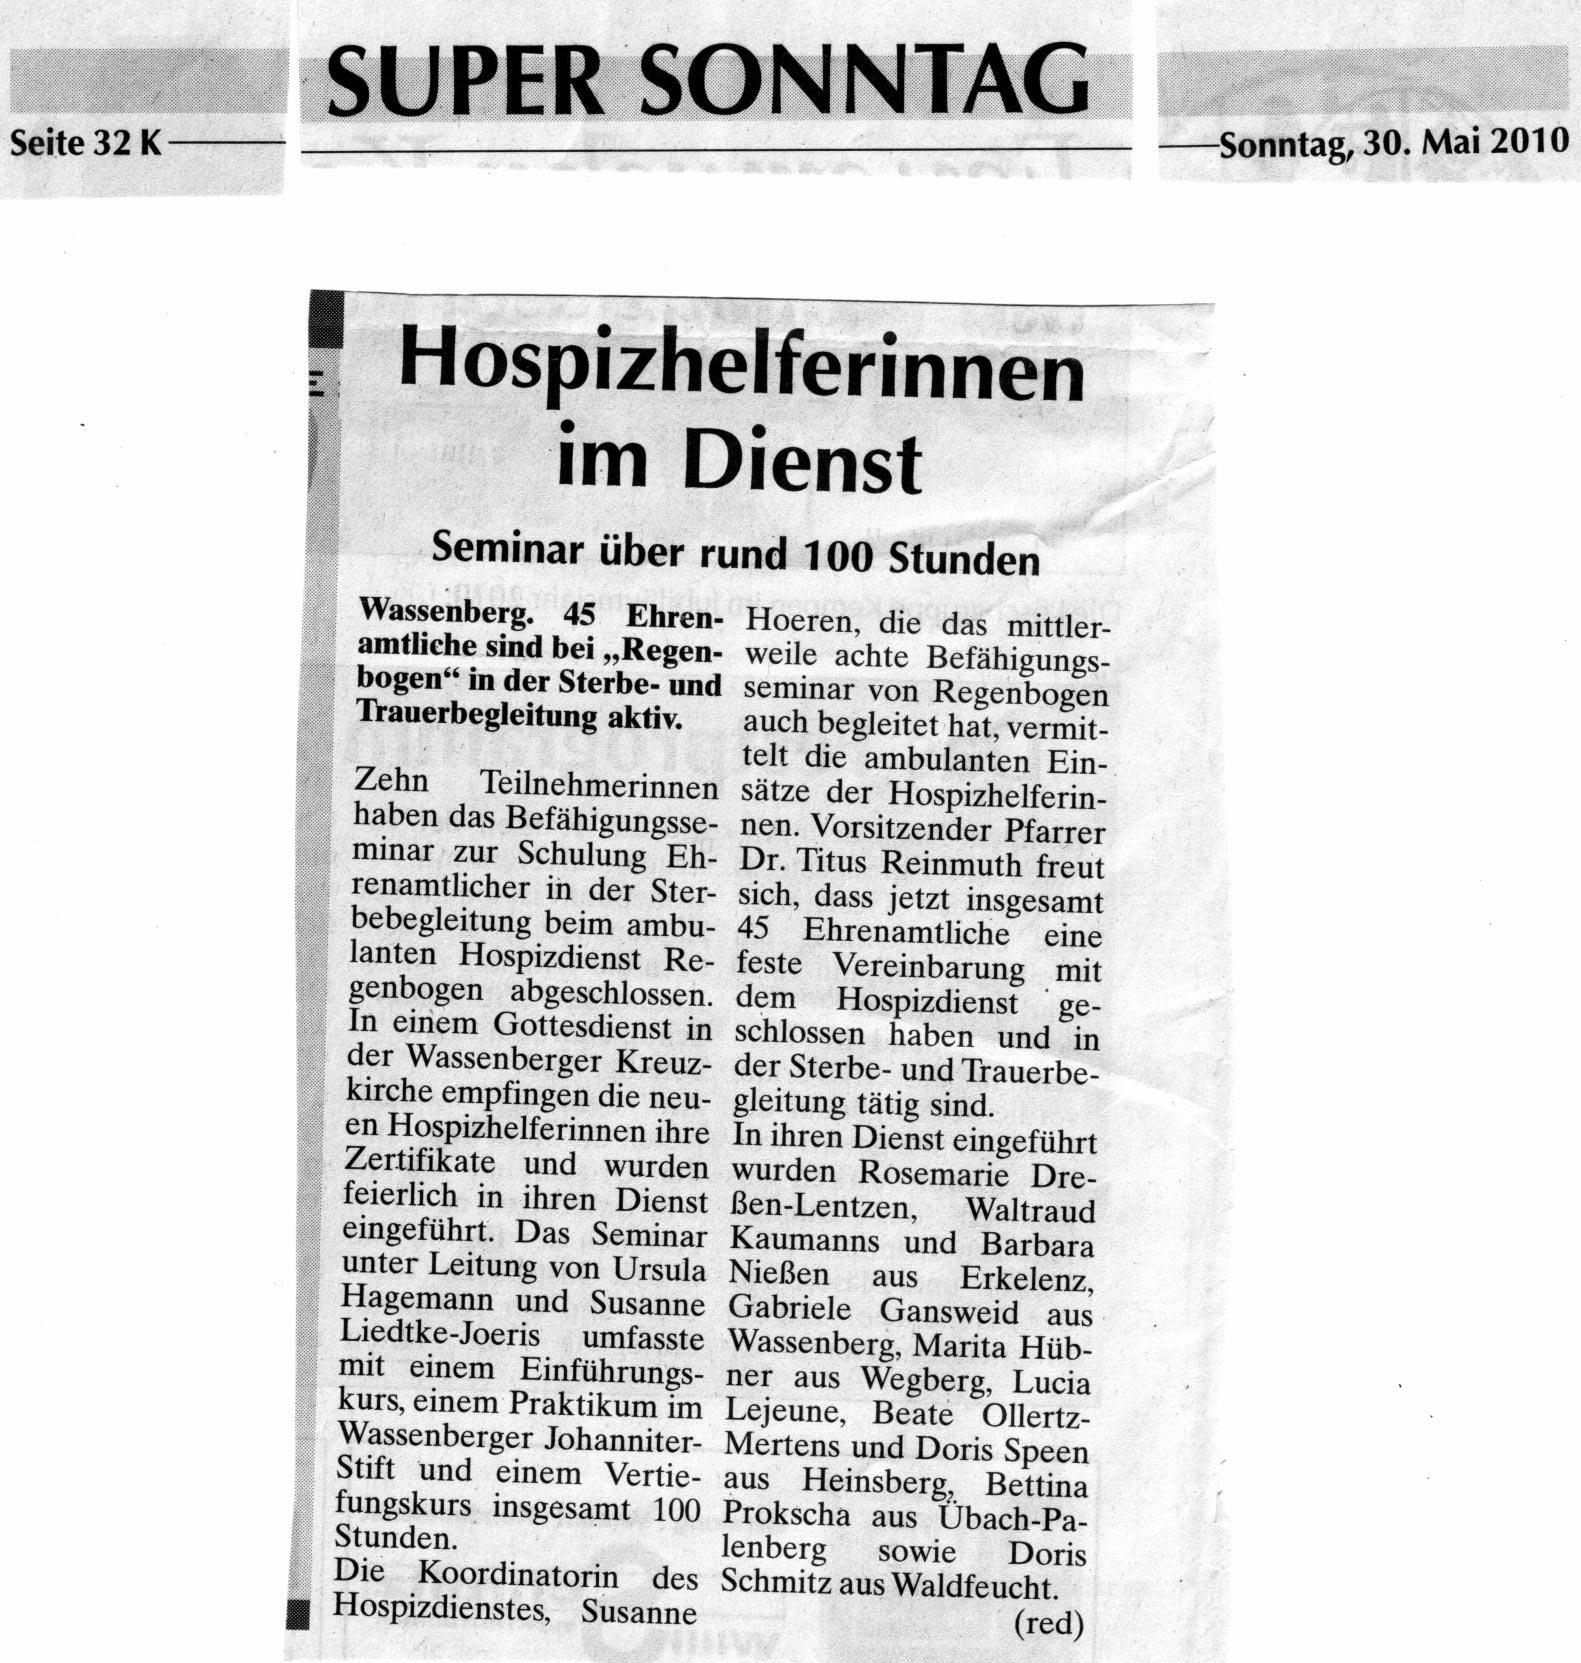 Super Sonntag 30. Mai 2010